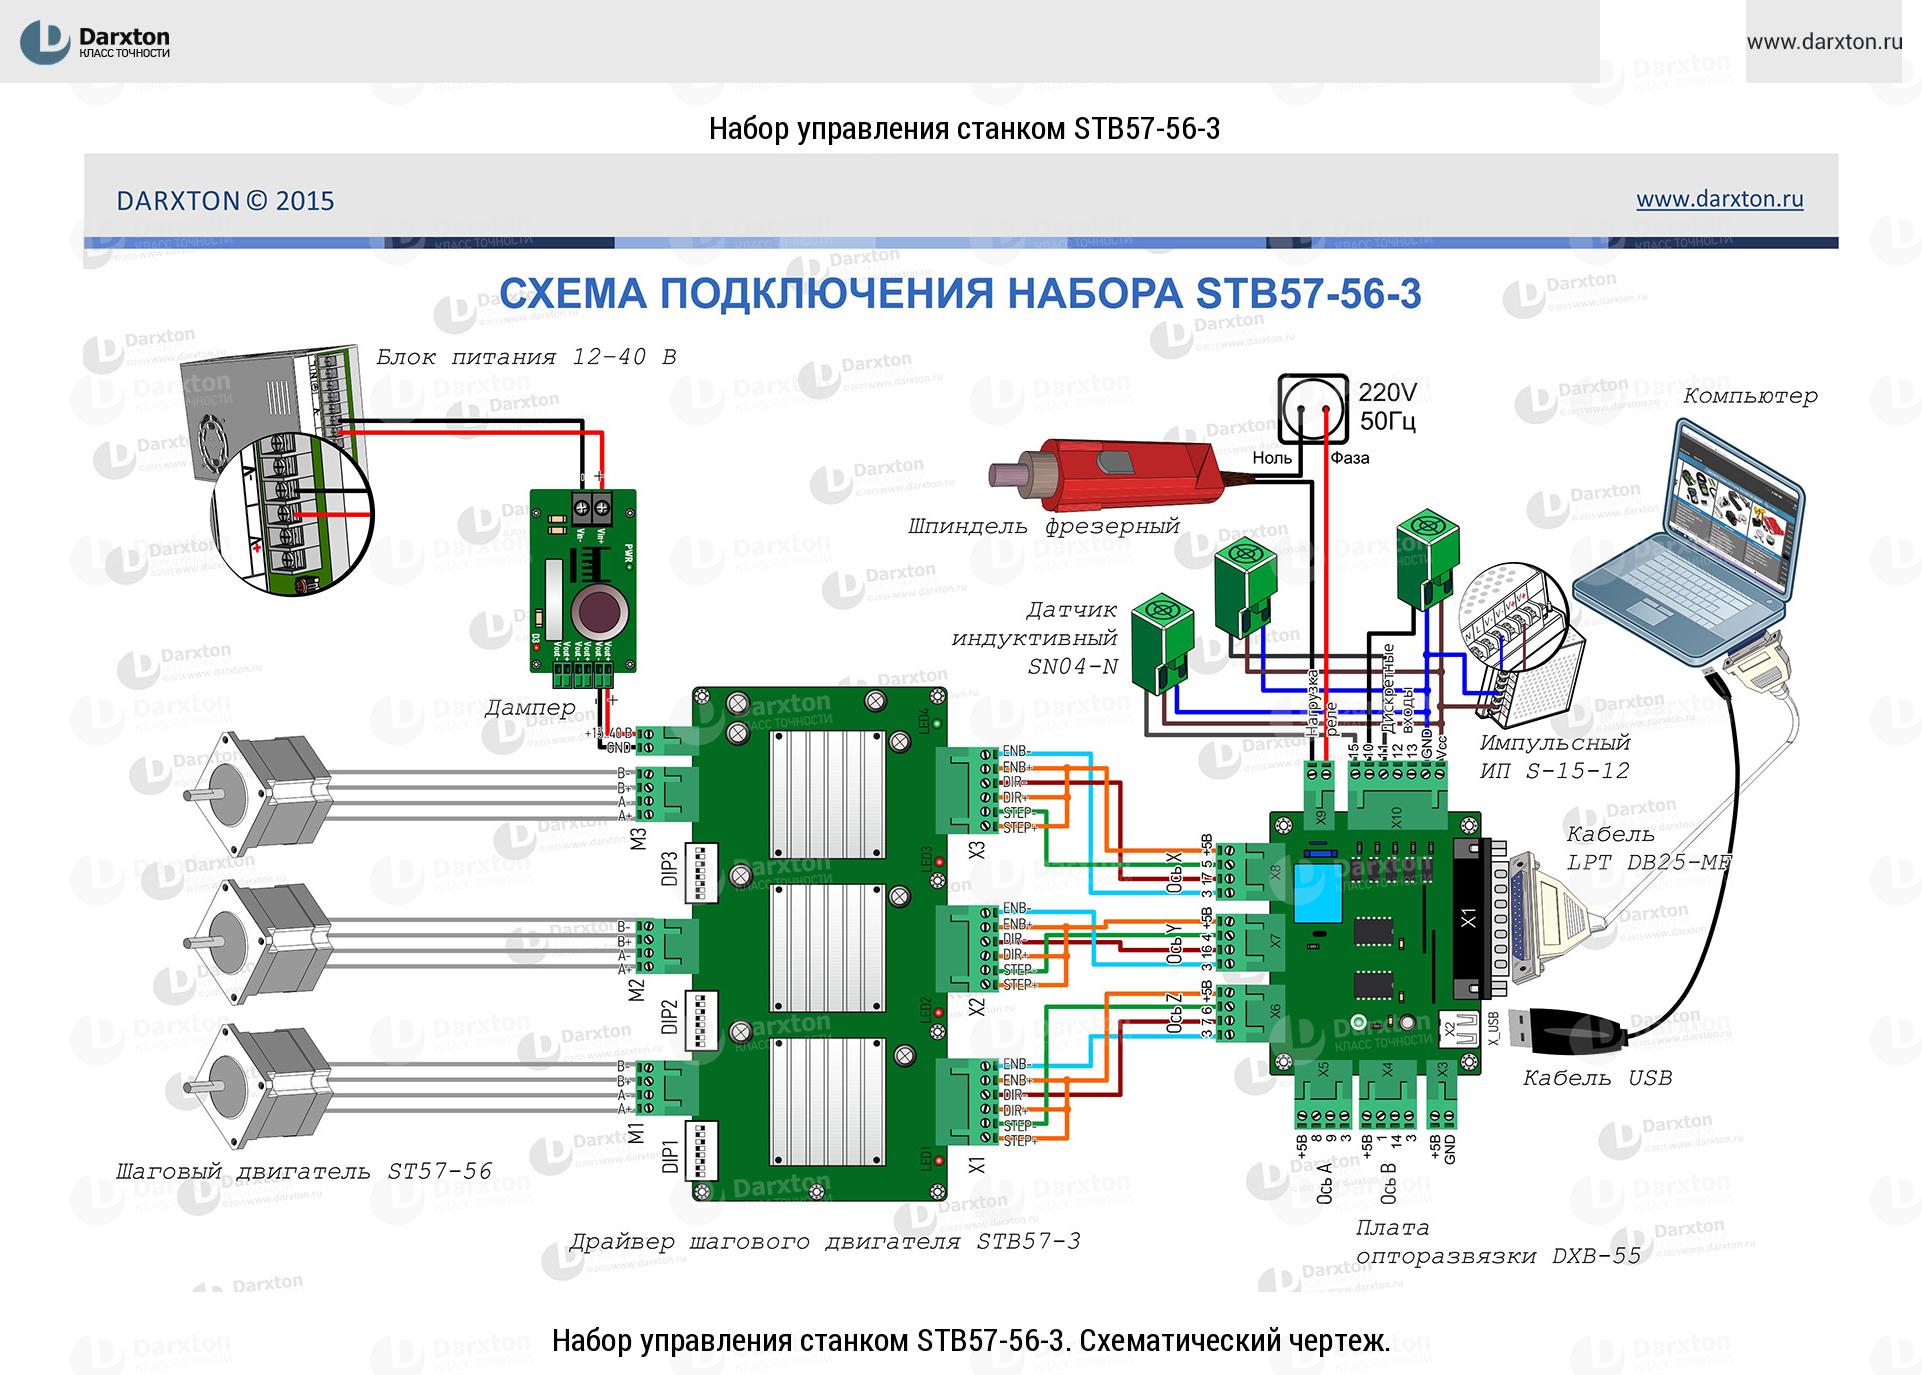 Сборка электрощитов в москве фото и схемы порядок